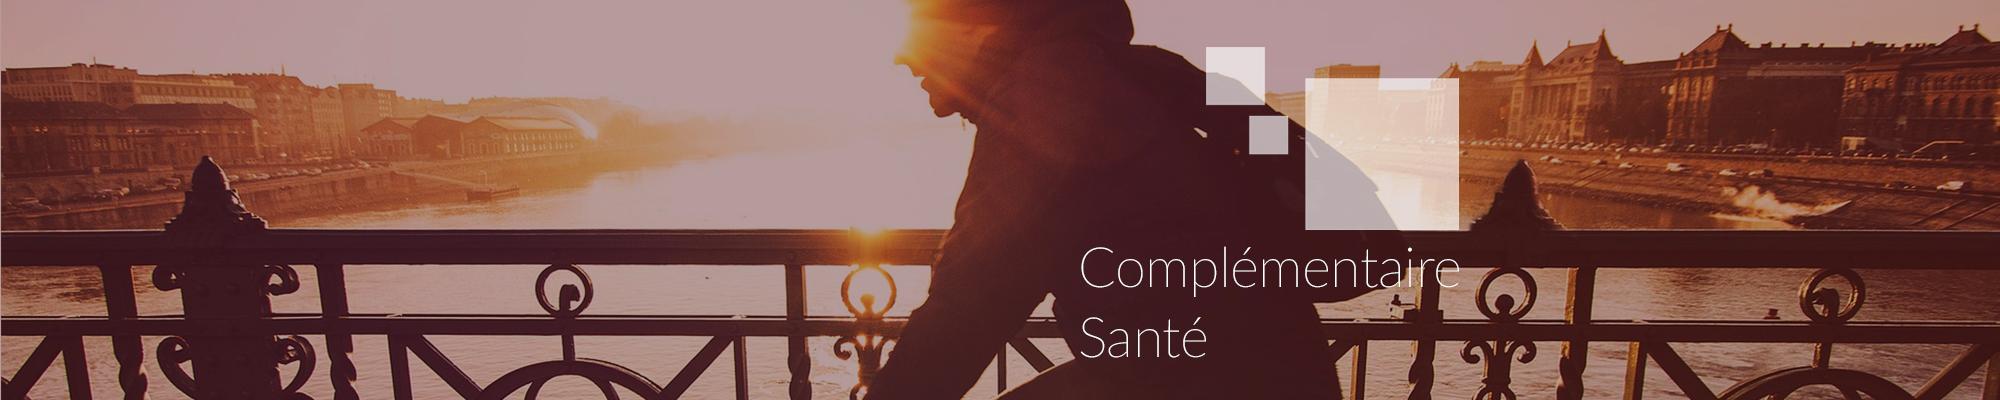 slide-complem-sante